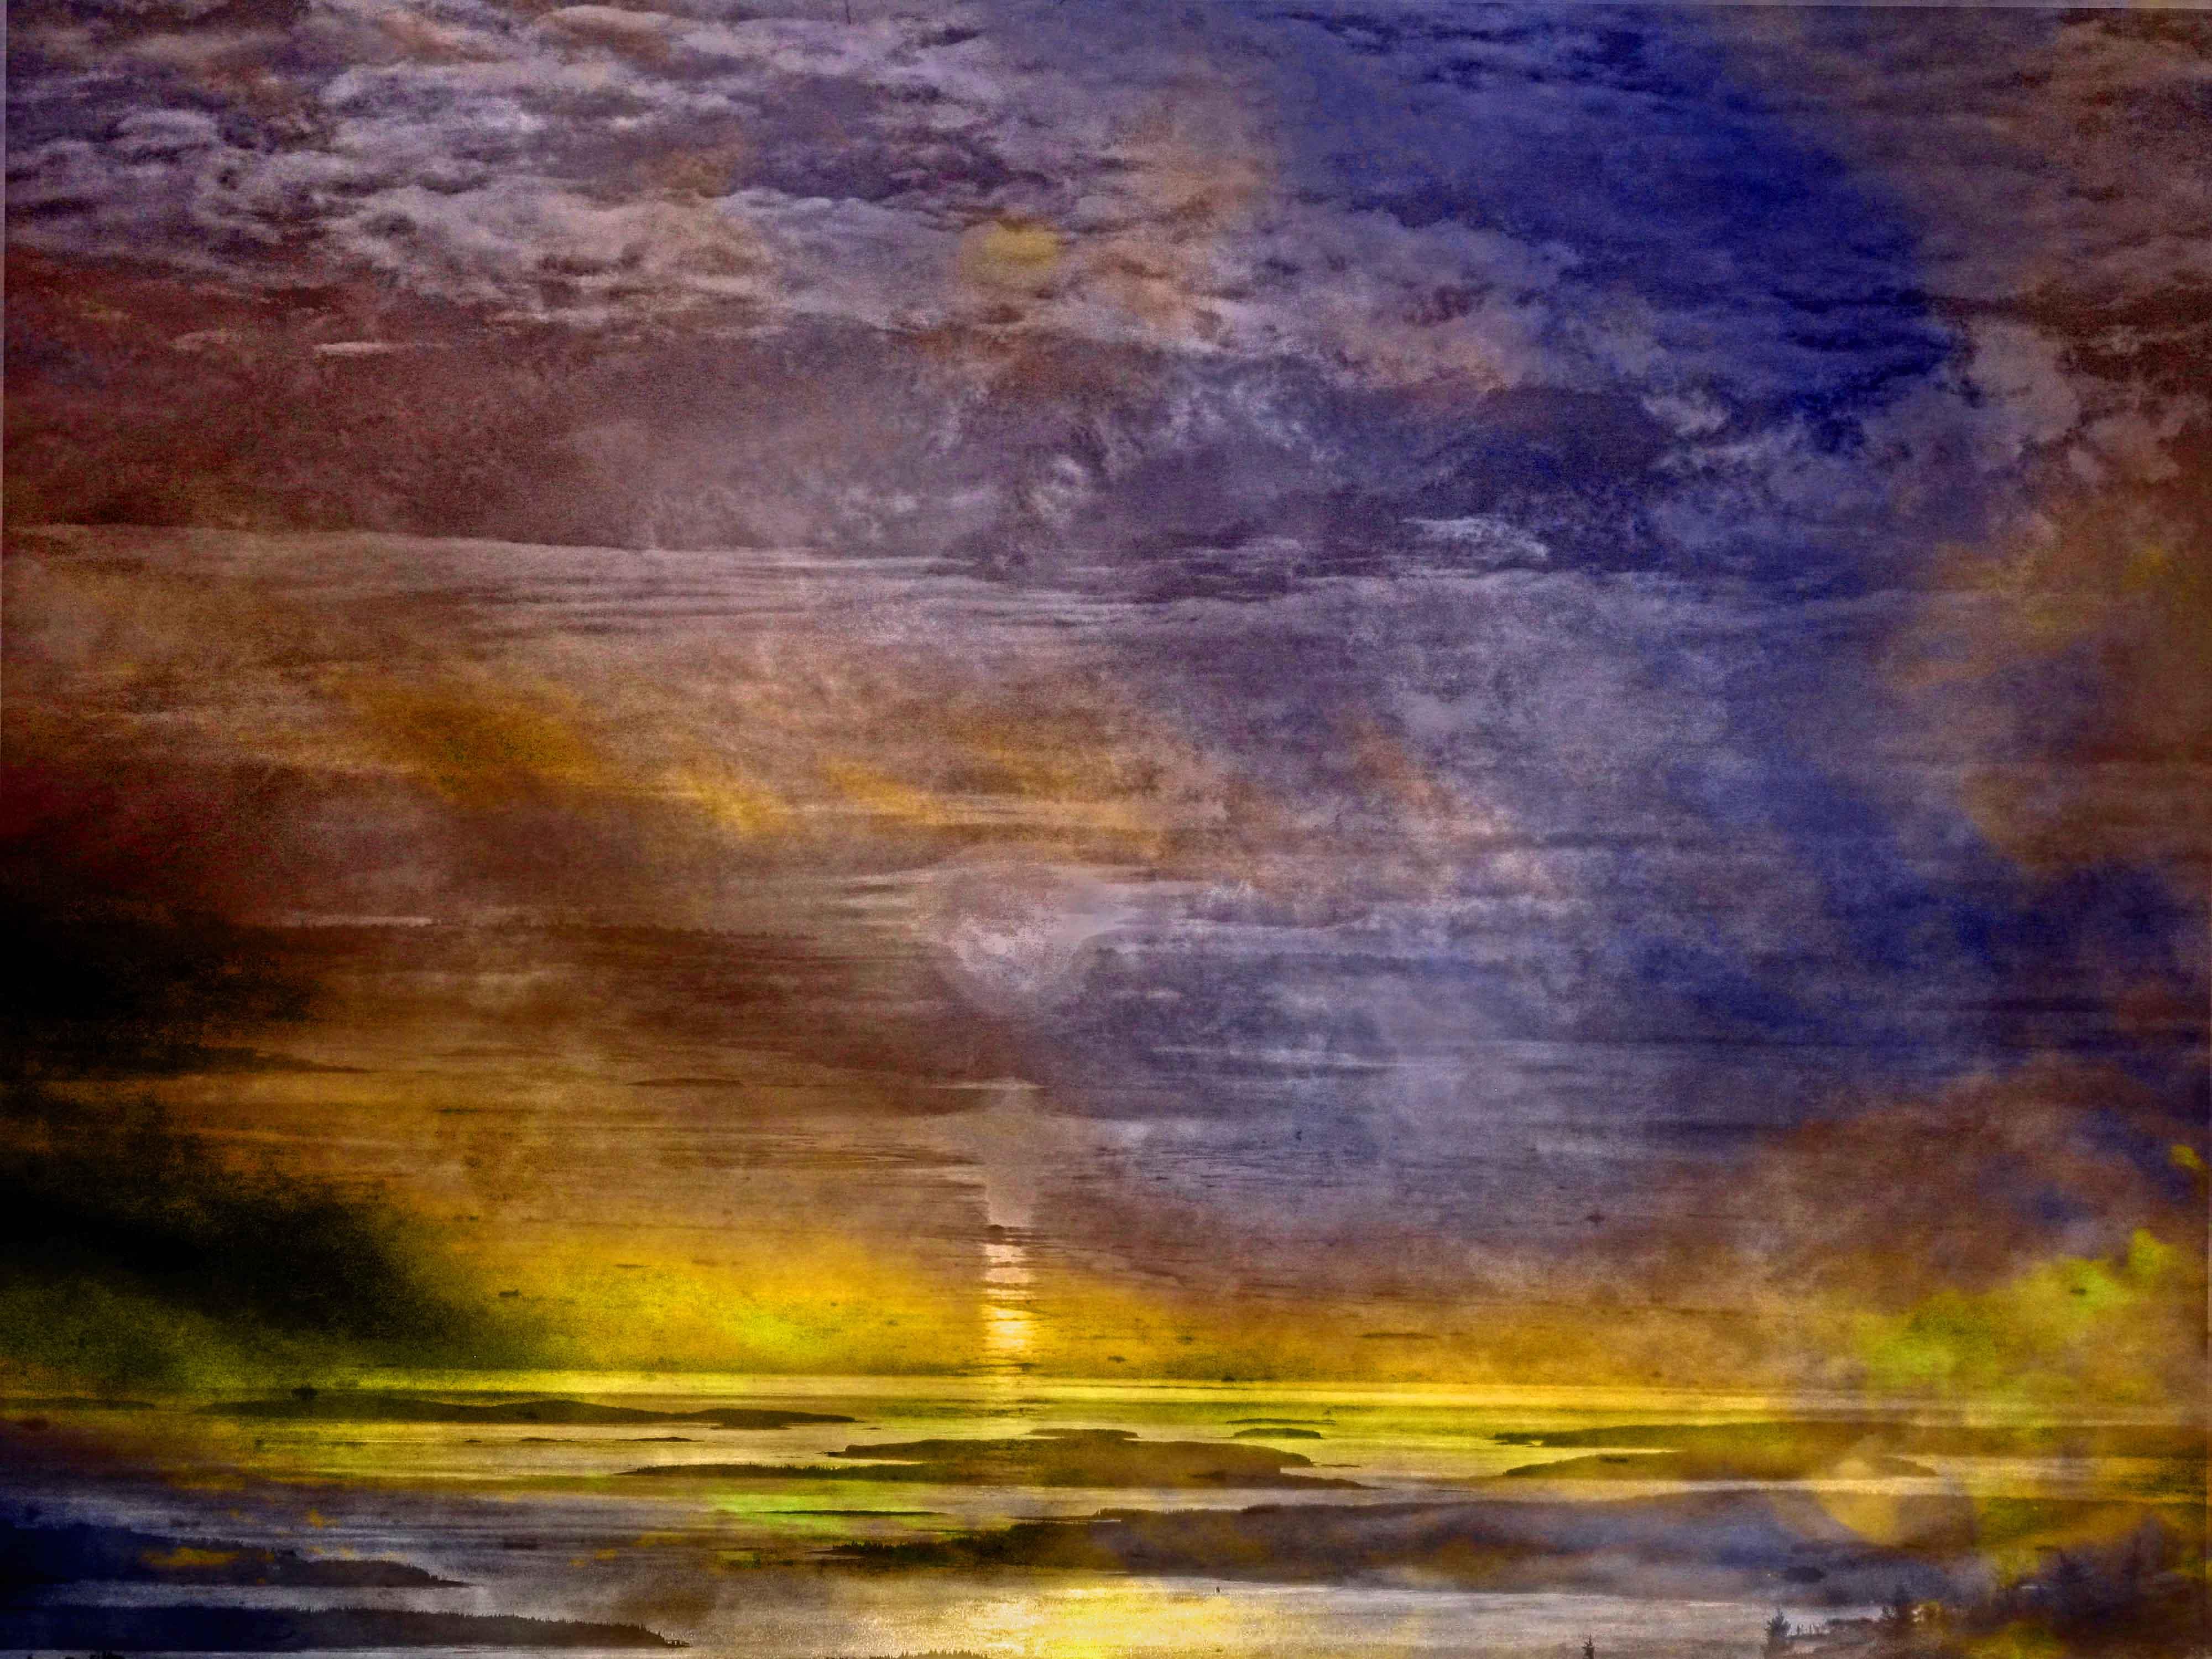 Masaüstü Güneş ışığı Boyama Gün Batımı Deniz Defne Yansıma